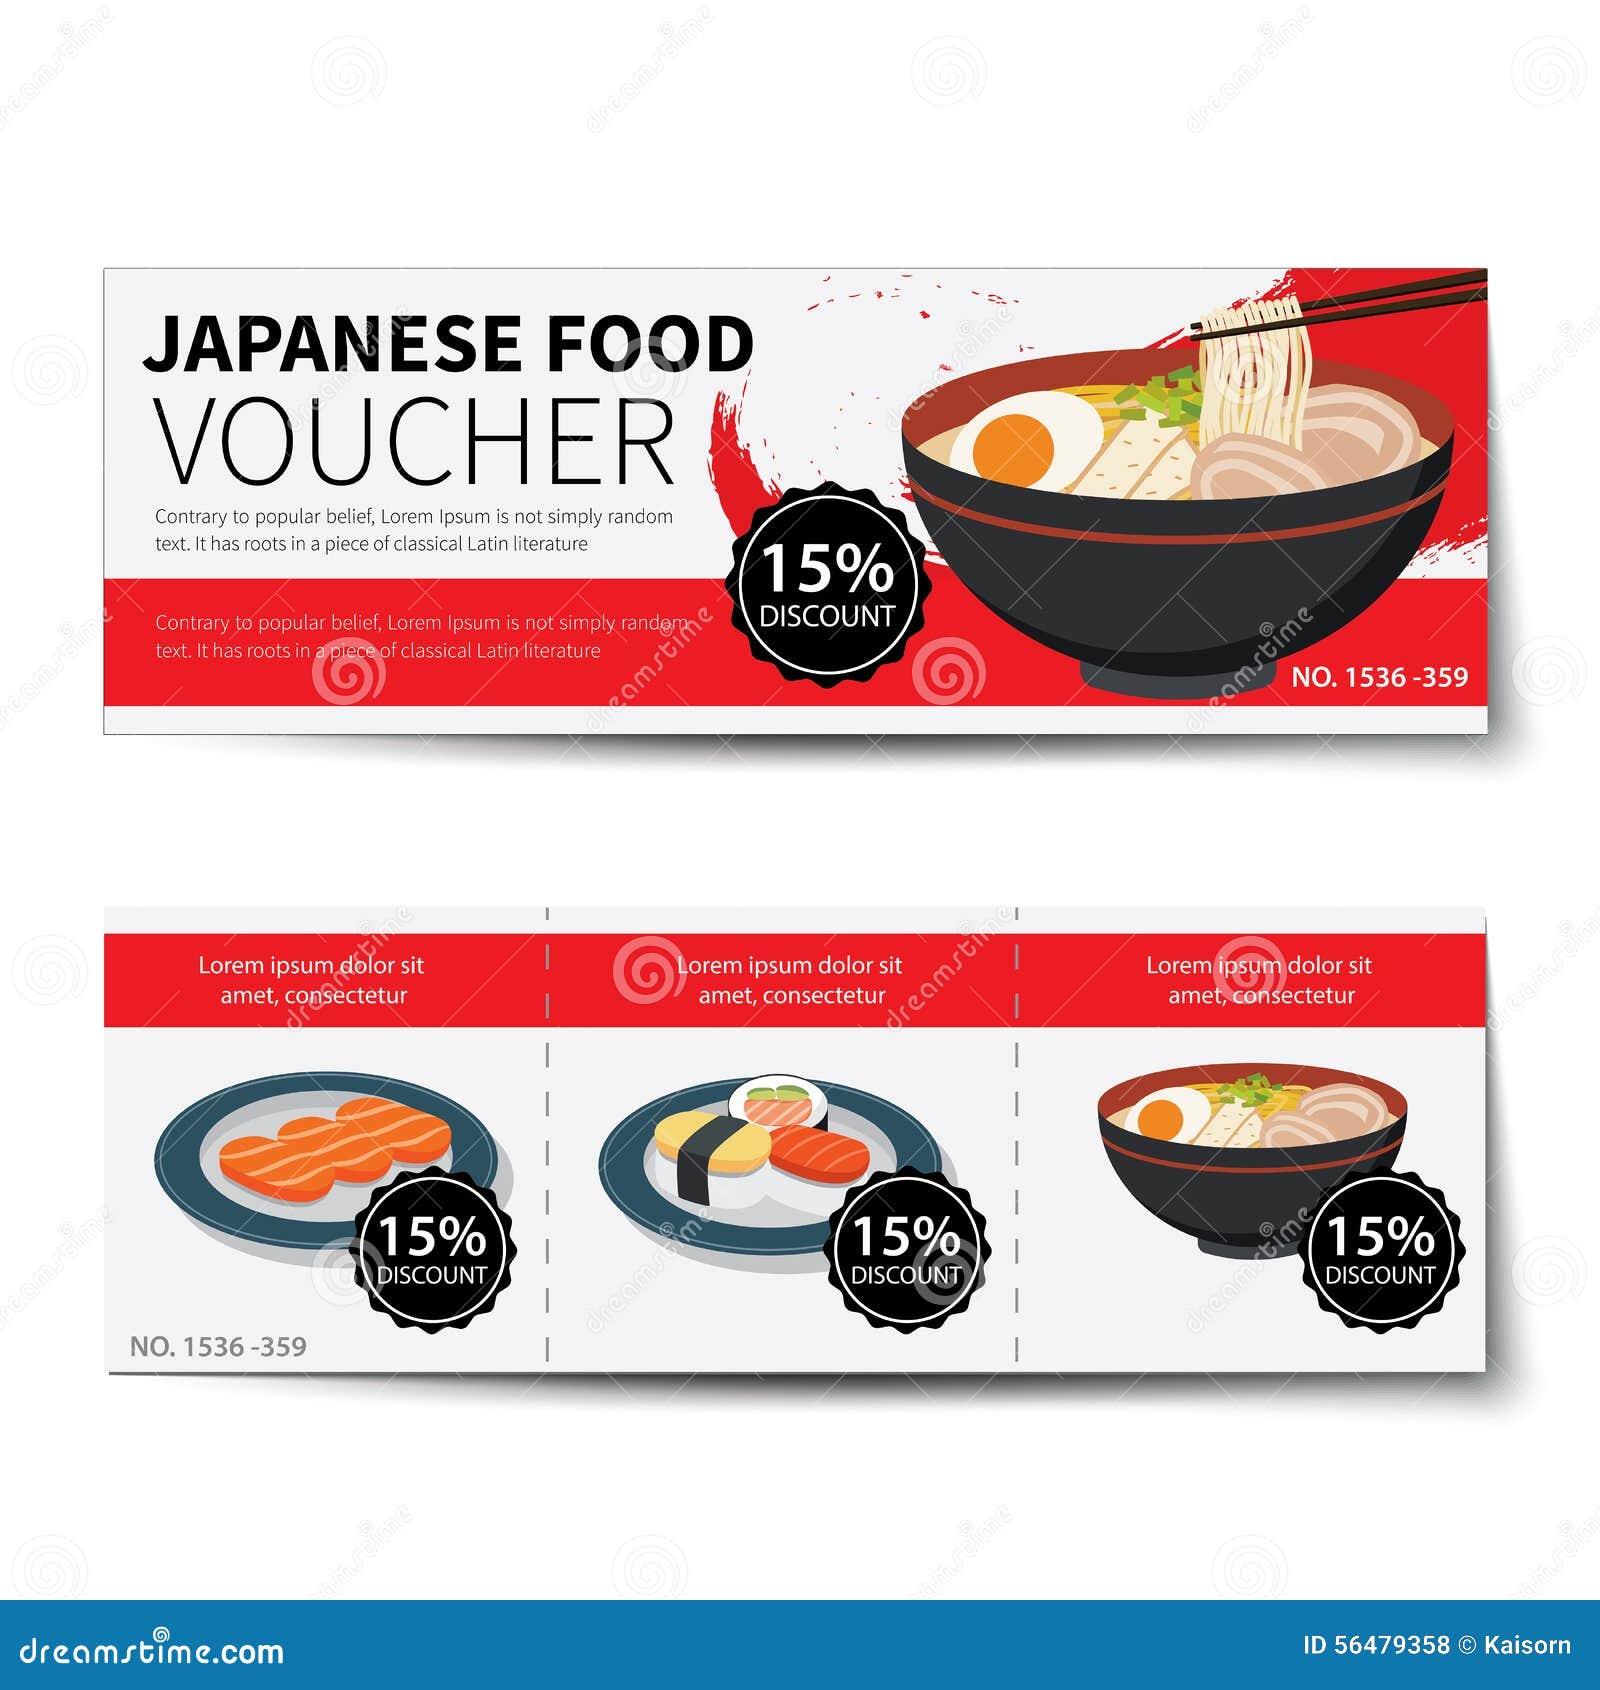 Conception japonaise de calibre de remise de bon de nourriture